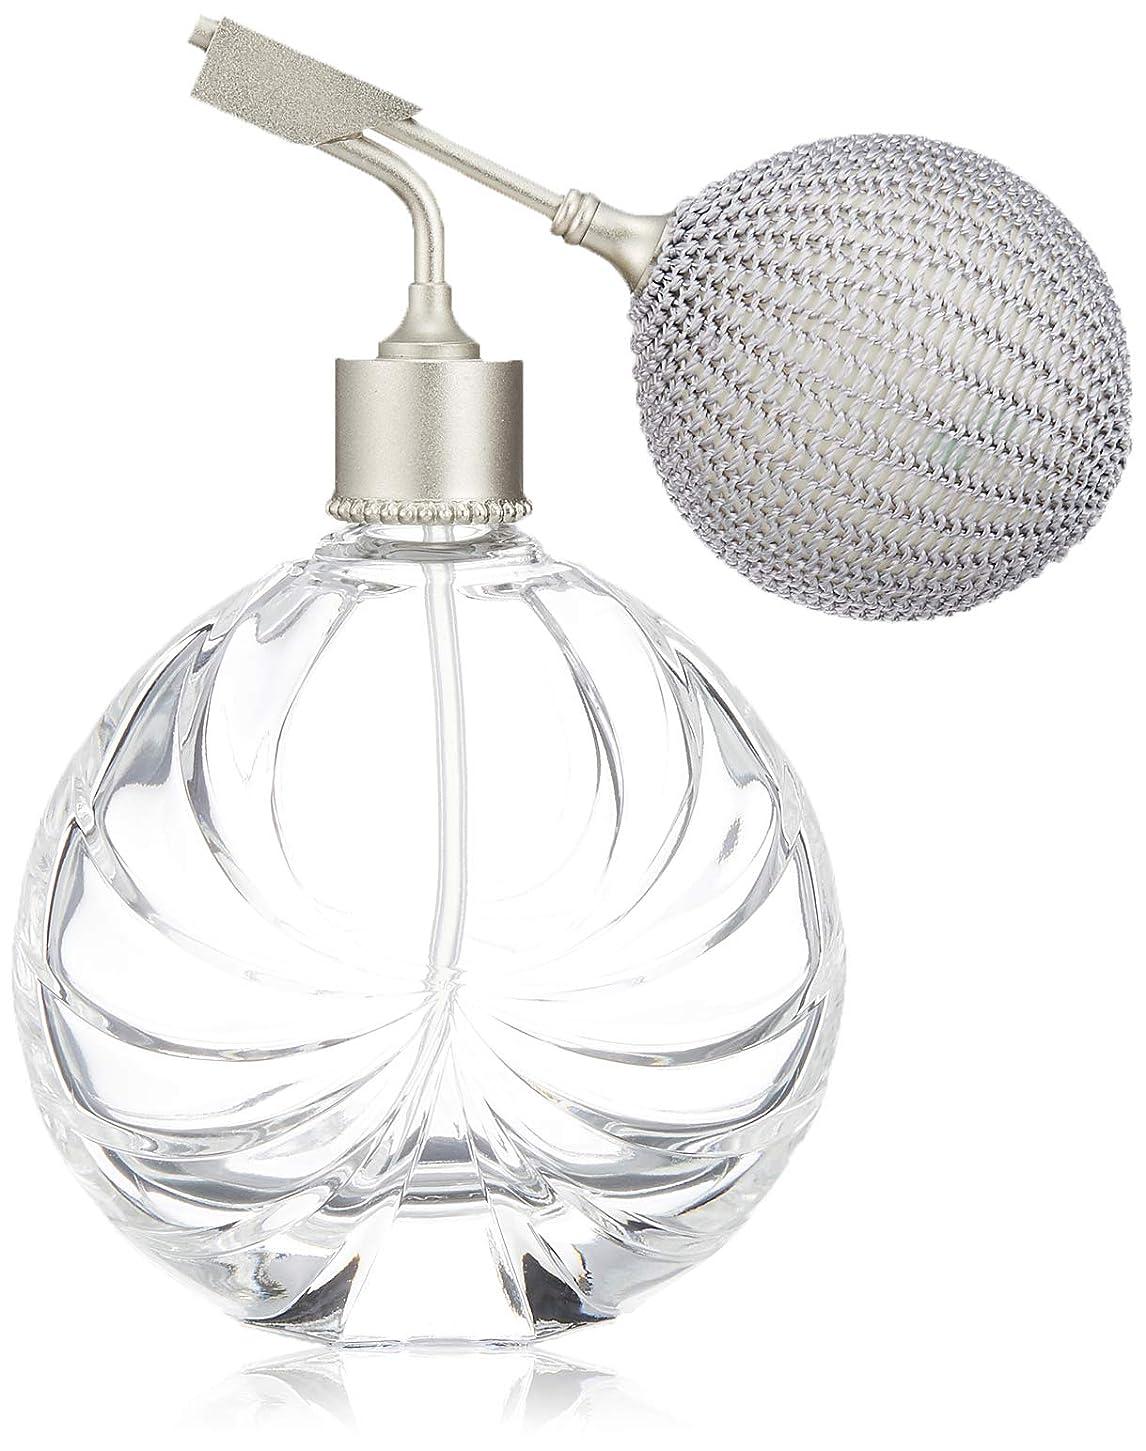 酸っぱい意見スカーフヒロセアトマイザー フランス製香水瓶50ML Upper East Side 369872 (50MLタクジョウ) CLSV